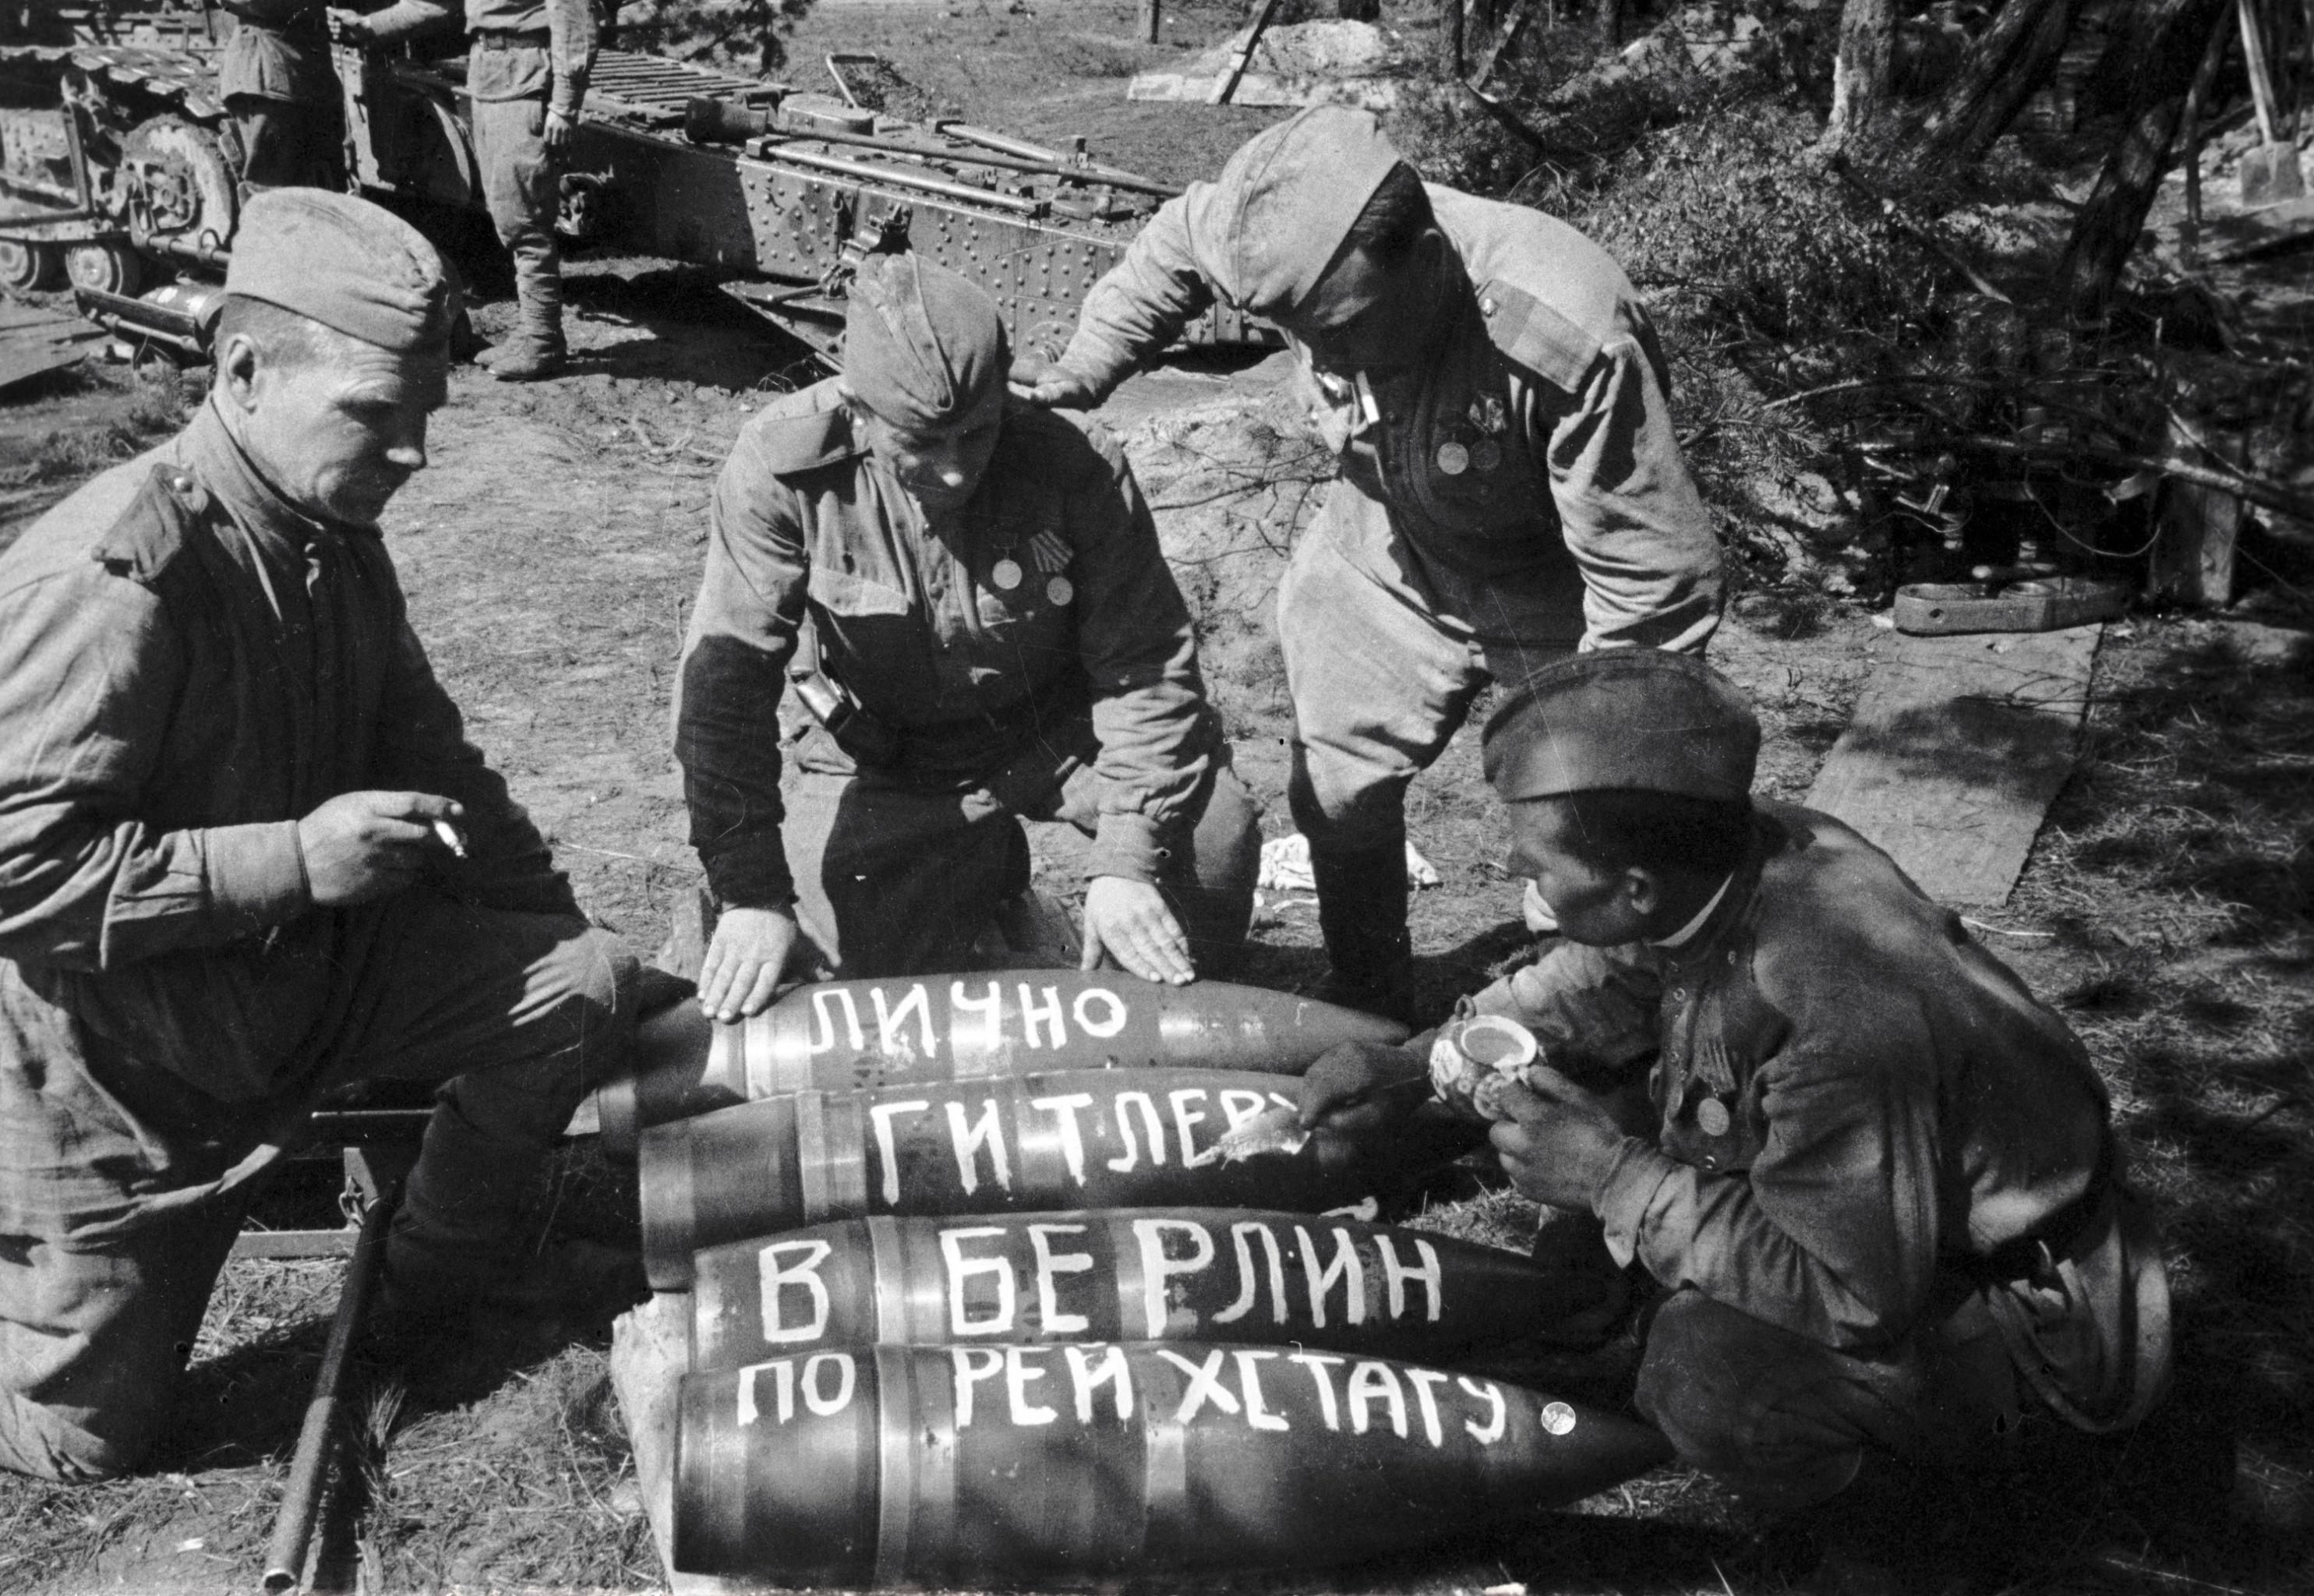 Soldati russi durante la Seconda guerra mondiale.